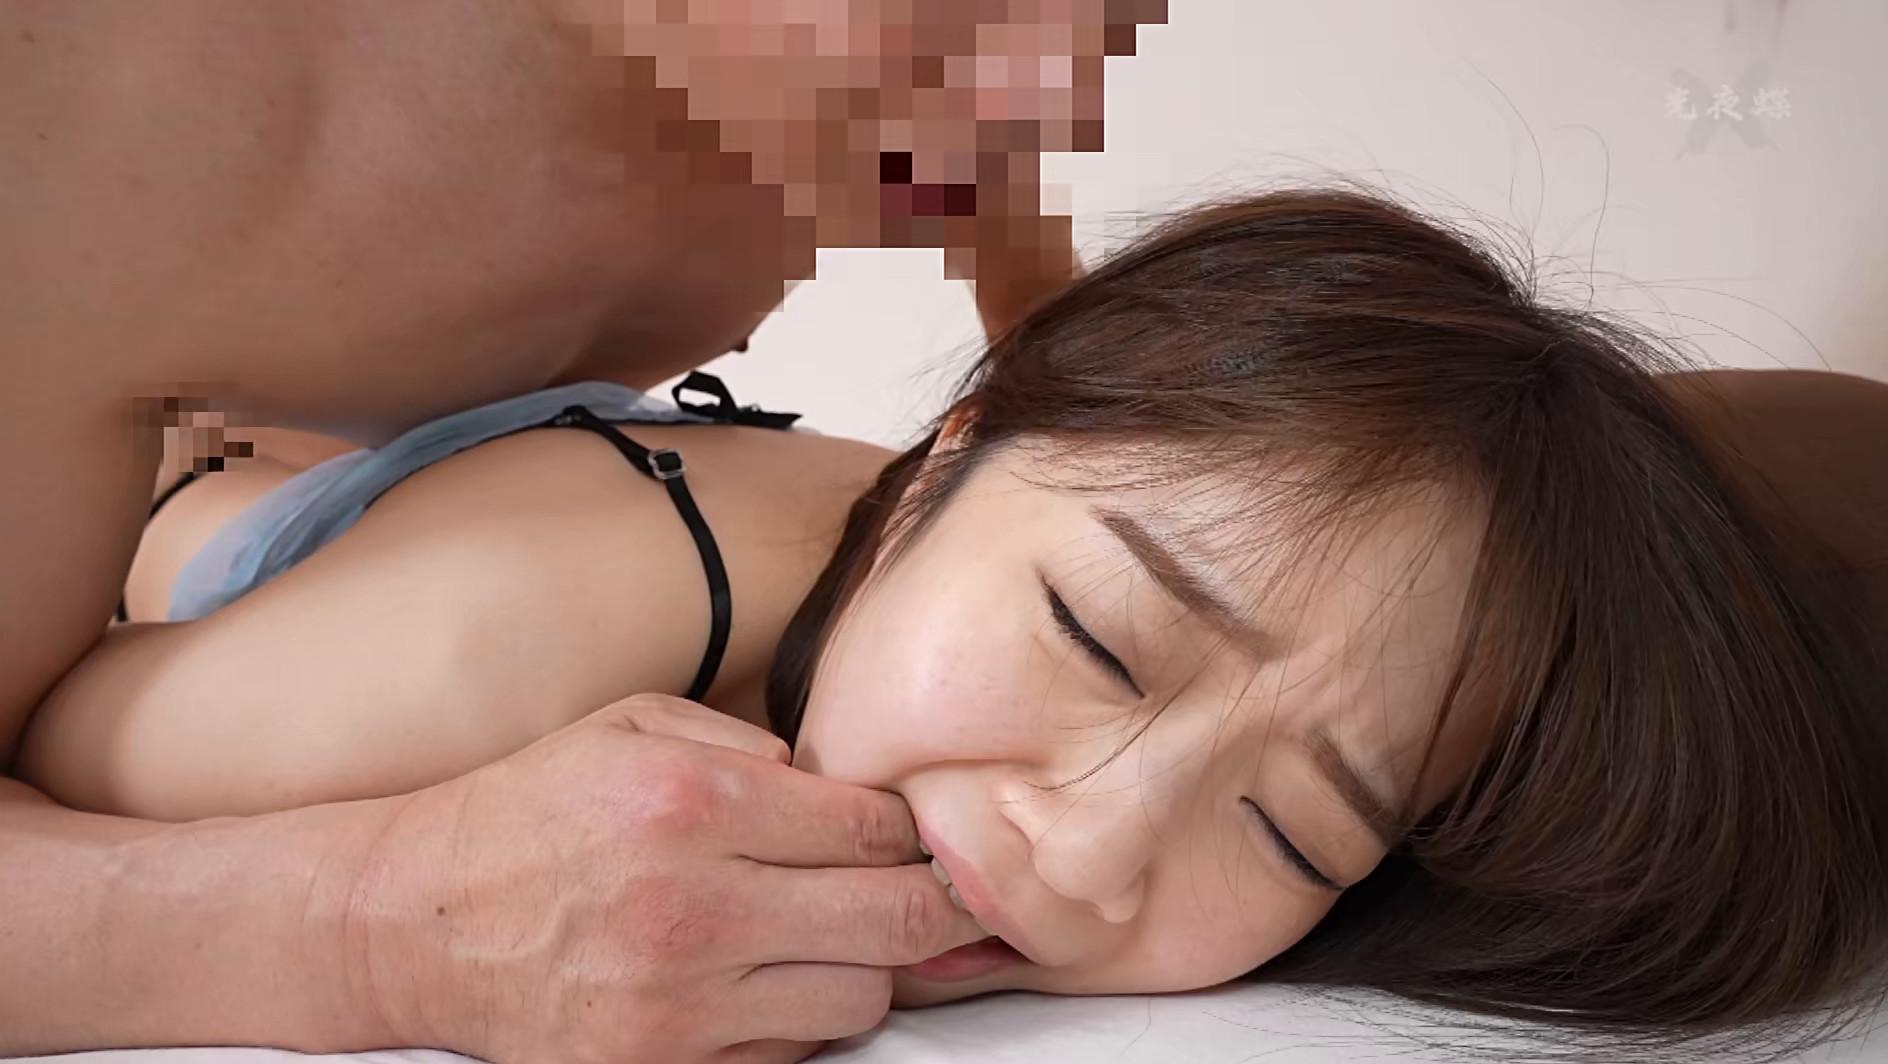 母の鬼畜な再婚相手に四六時中、性欲の捌け口にされてます 渡辺まお,のサンプル画像24